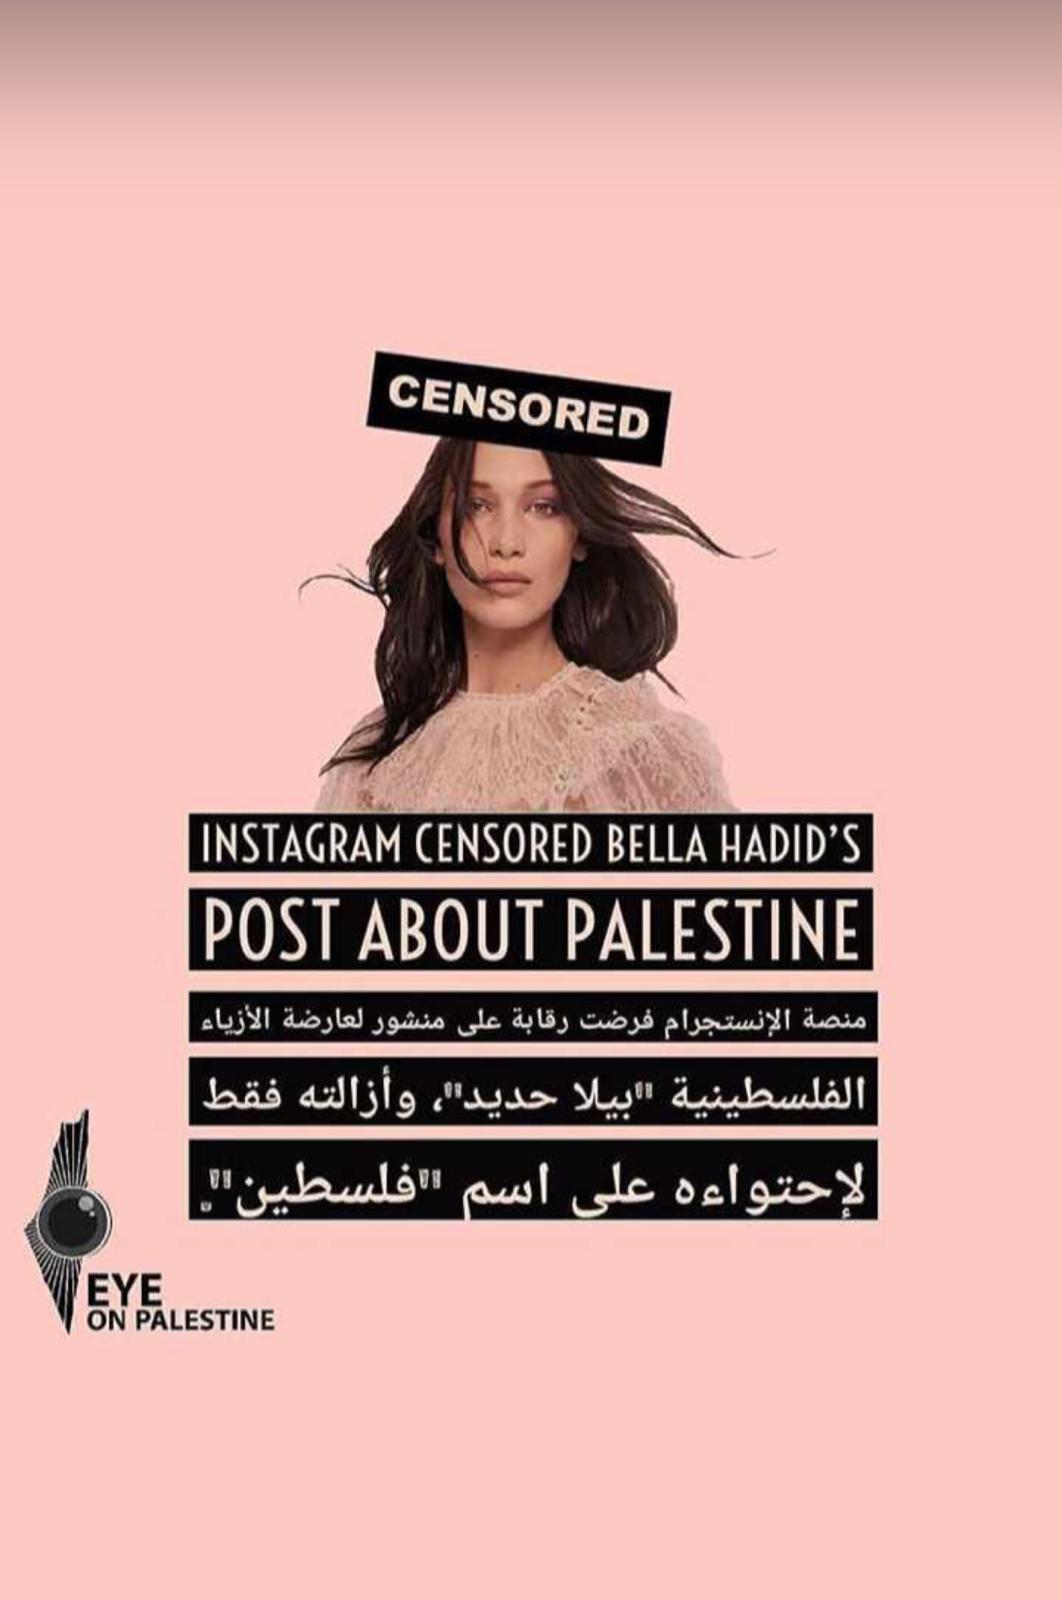 ادارة انستغرام تزيل منشور لعارضة الازياء بيلا حديد لاحتواءه على كلمة فلسطين